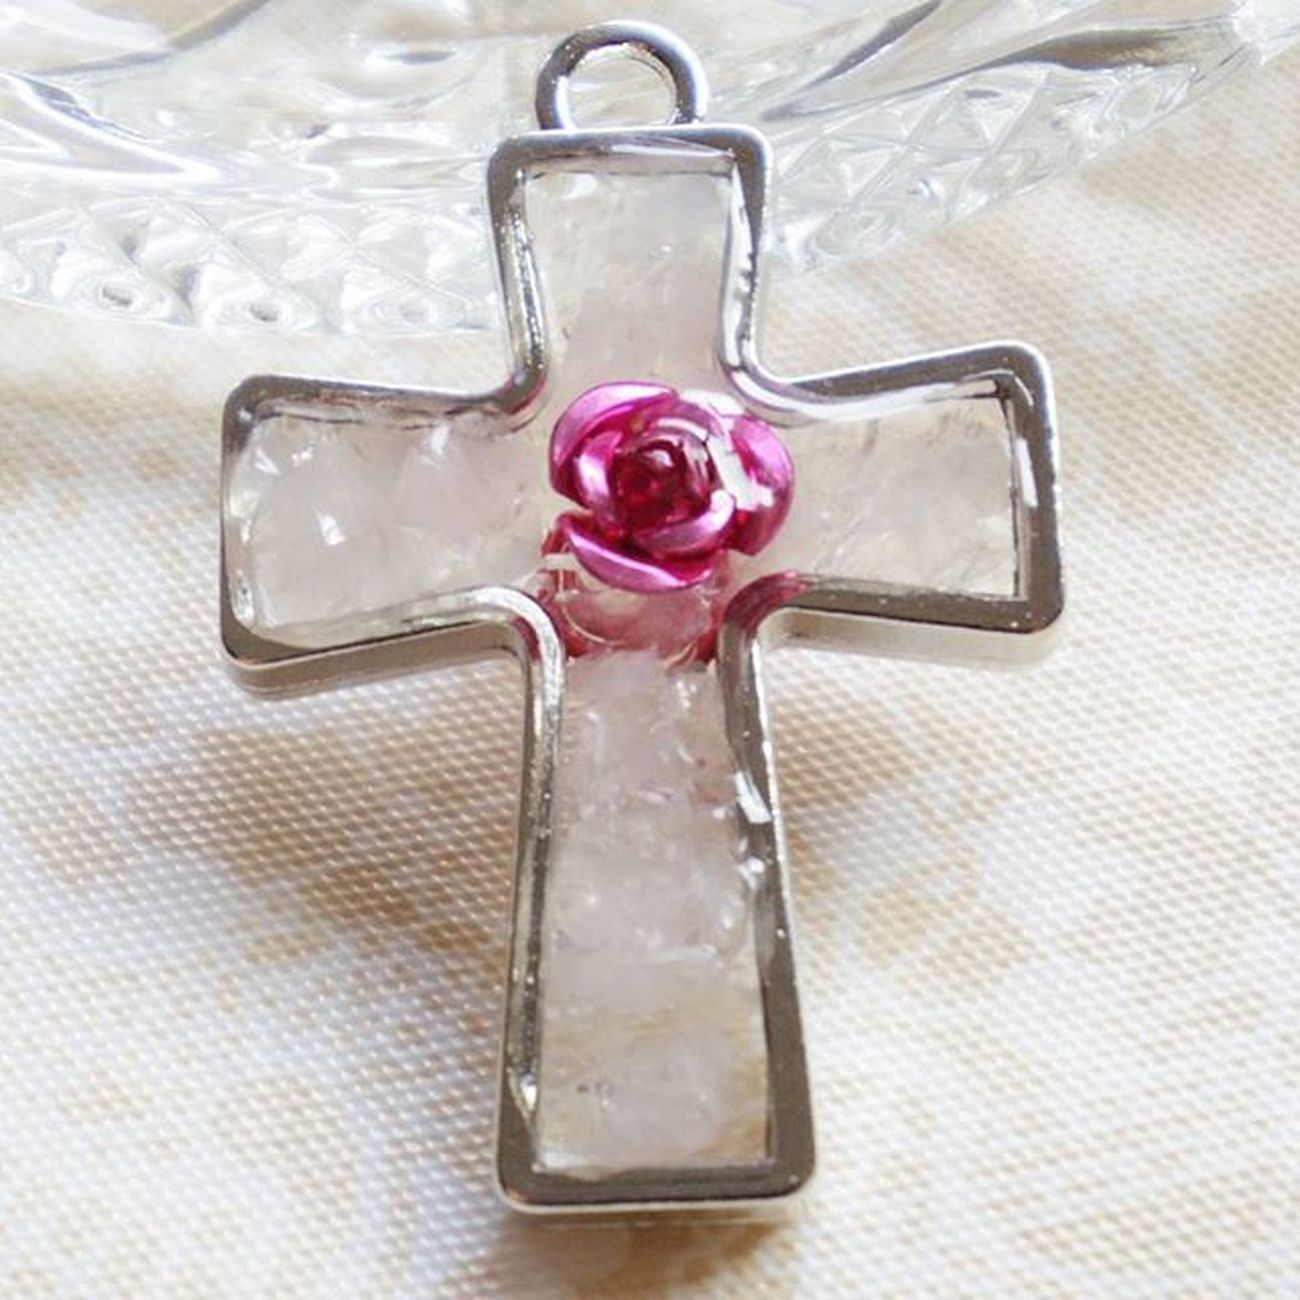 祈り Pray 薔薇 Rosé 愛 Love グロス 十字架 ロサリオ Cross Rosary オルゴナイト Orgonite ポジティブ Positive ローズクォーツ Rosequartz